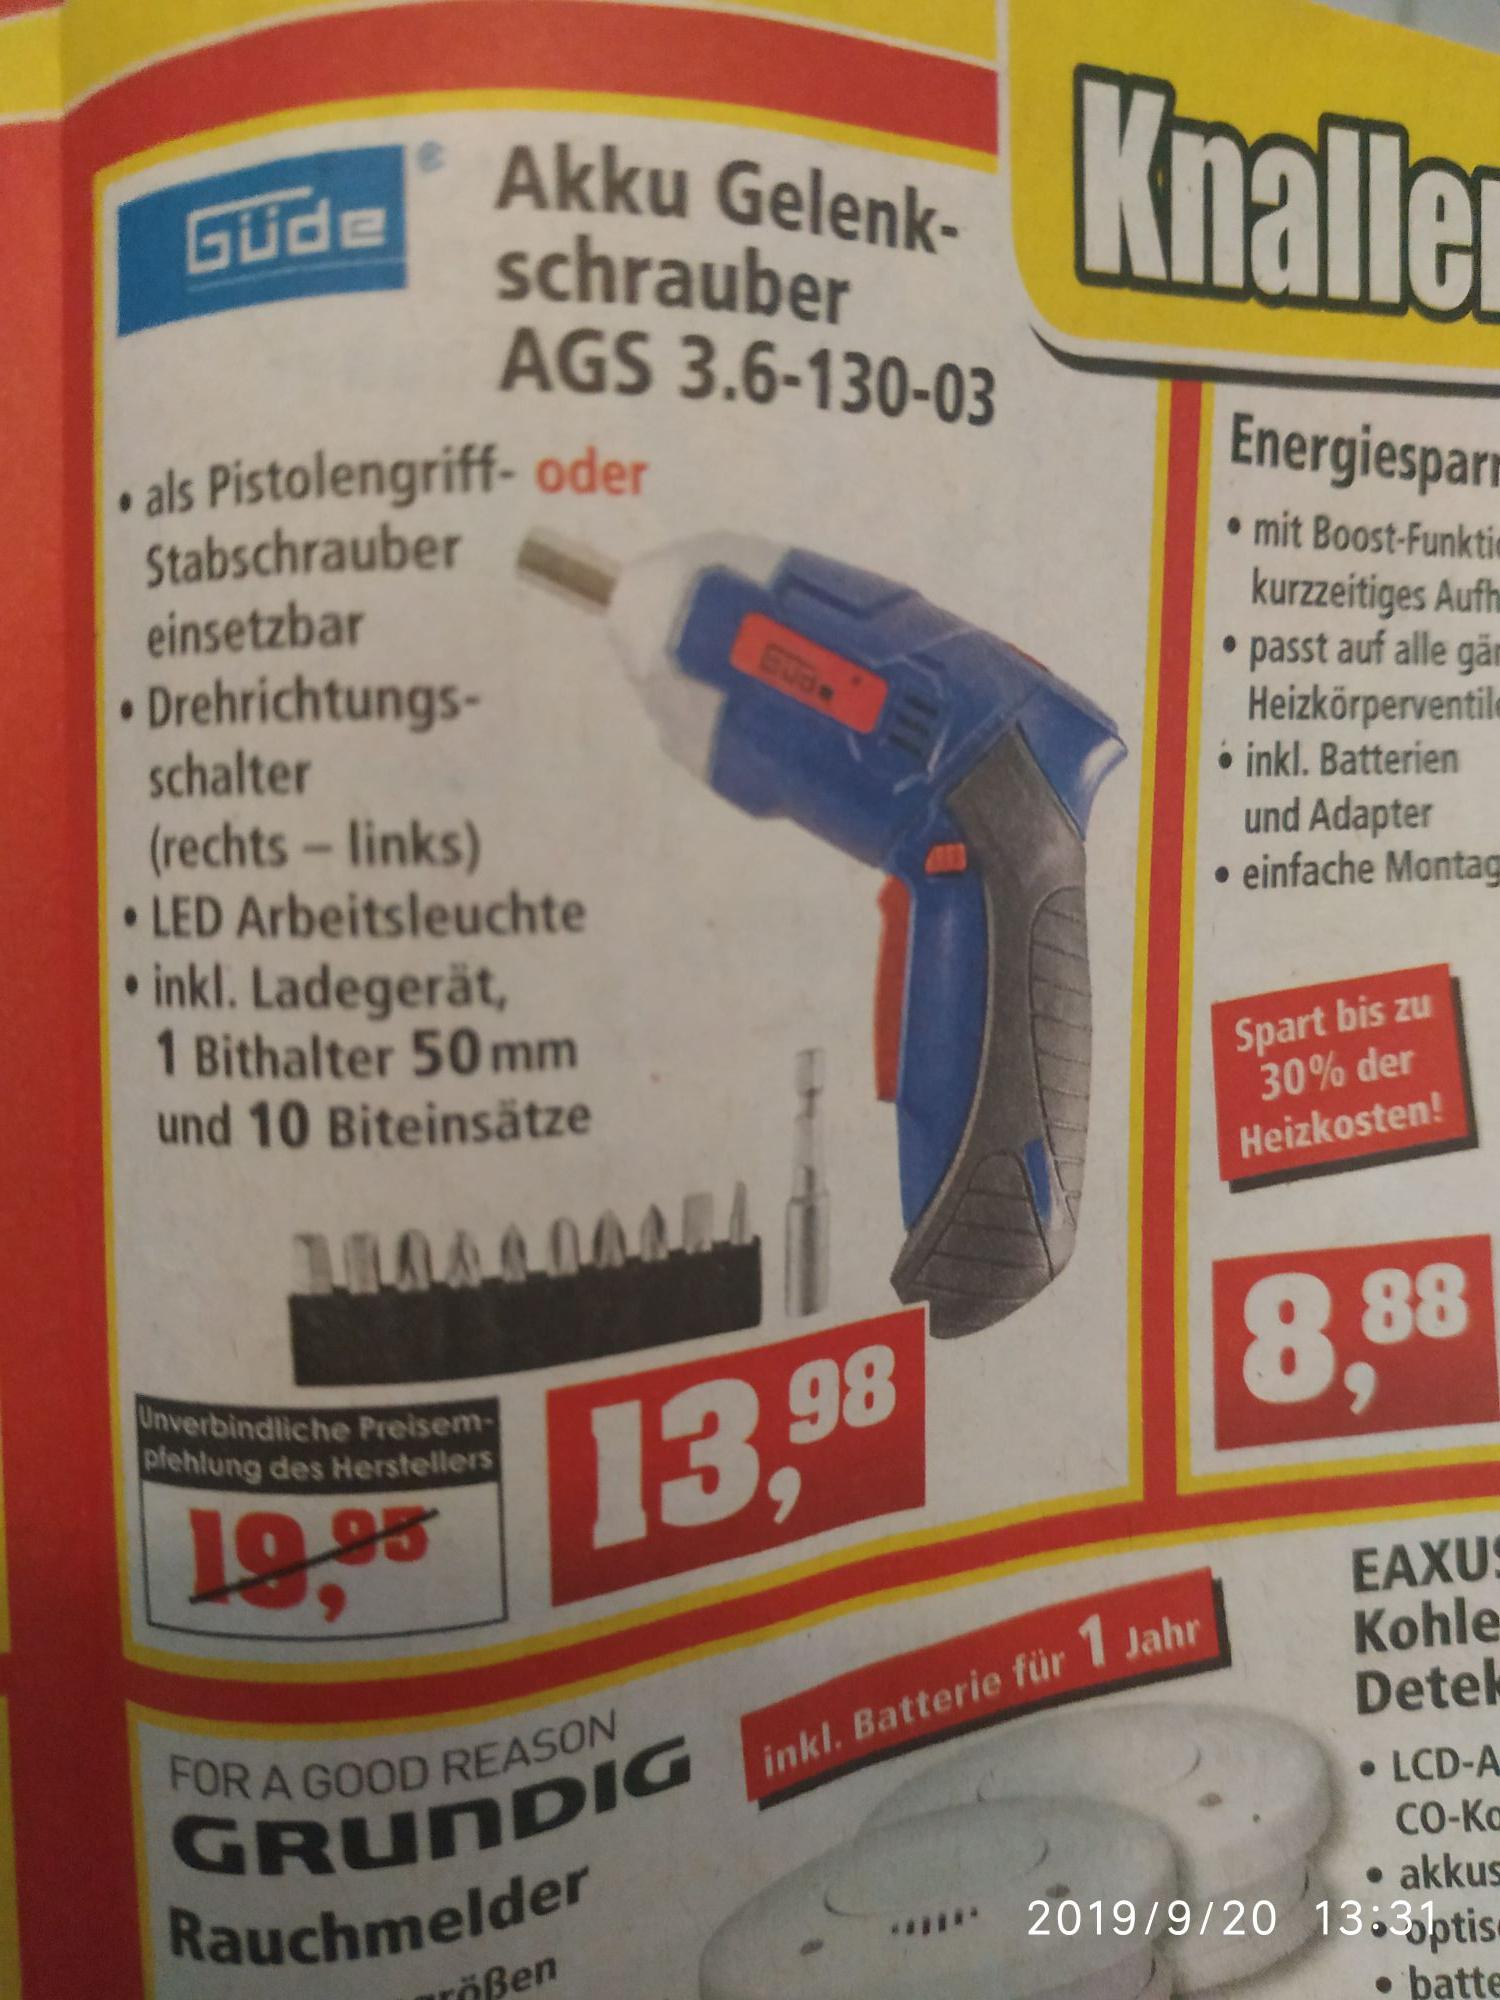 Güde Akku Gelenkschrauber AGS 3.6-140-03